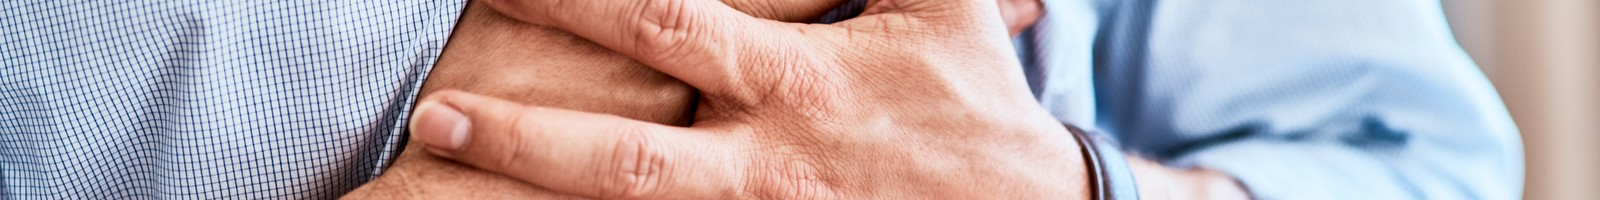 La télésurveillance améliore le suivi des patients atteints d'insuffisance cardiaque